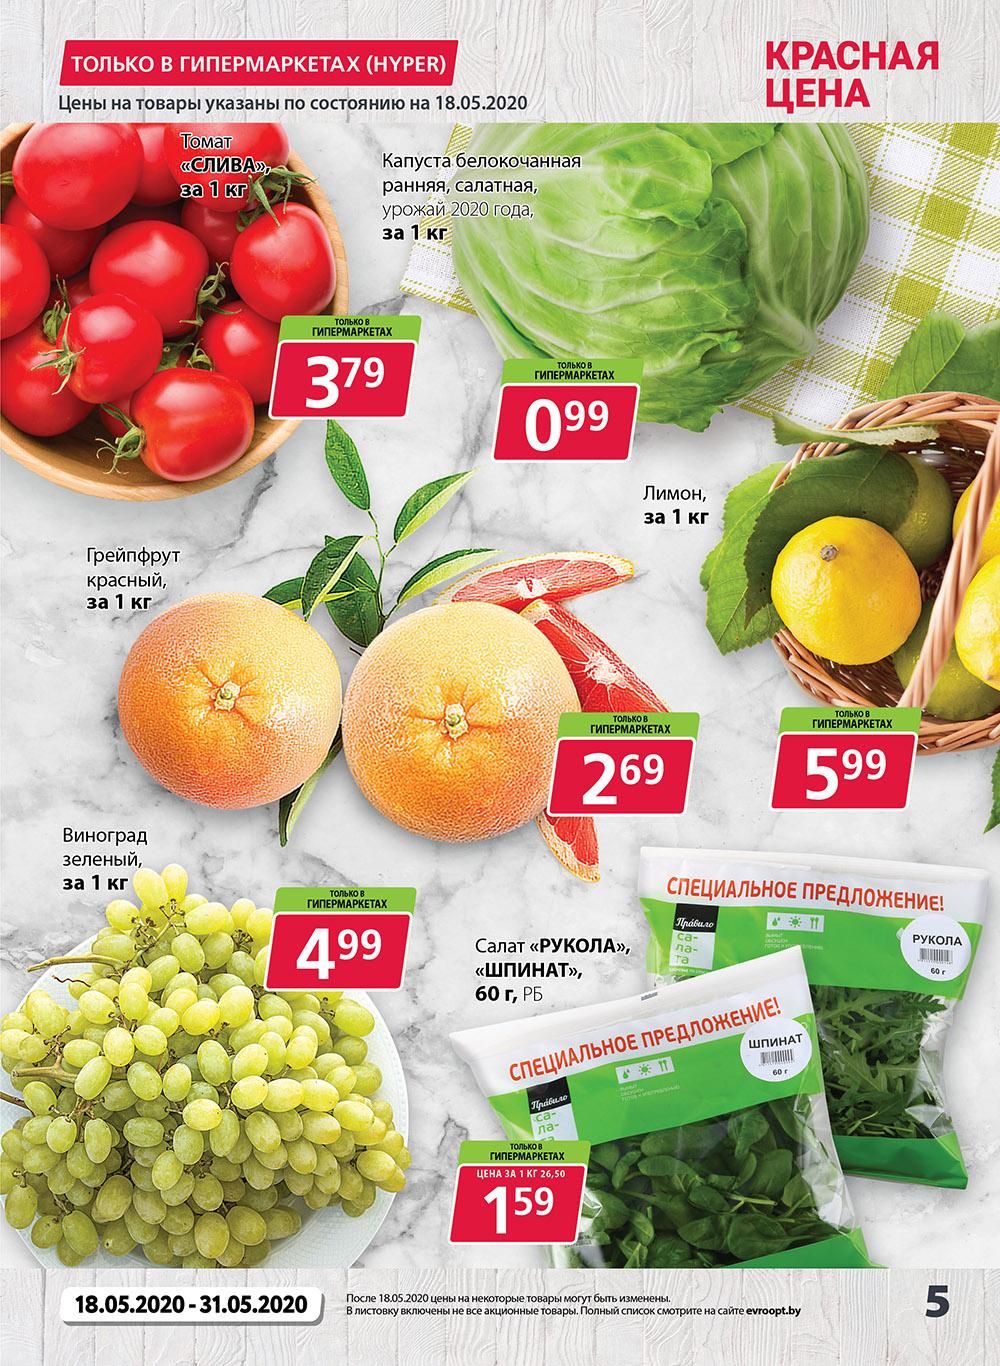 Купить фрукты, овощи